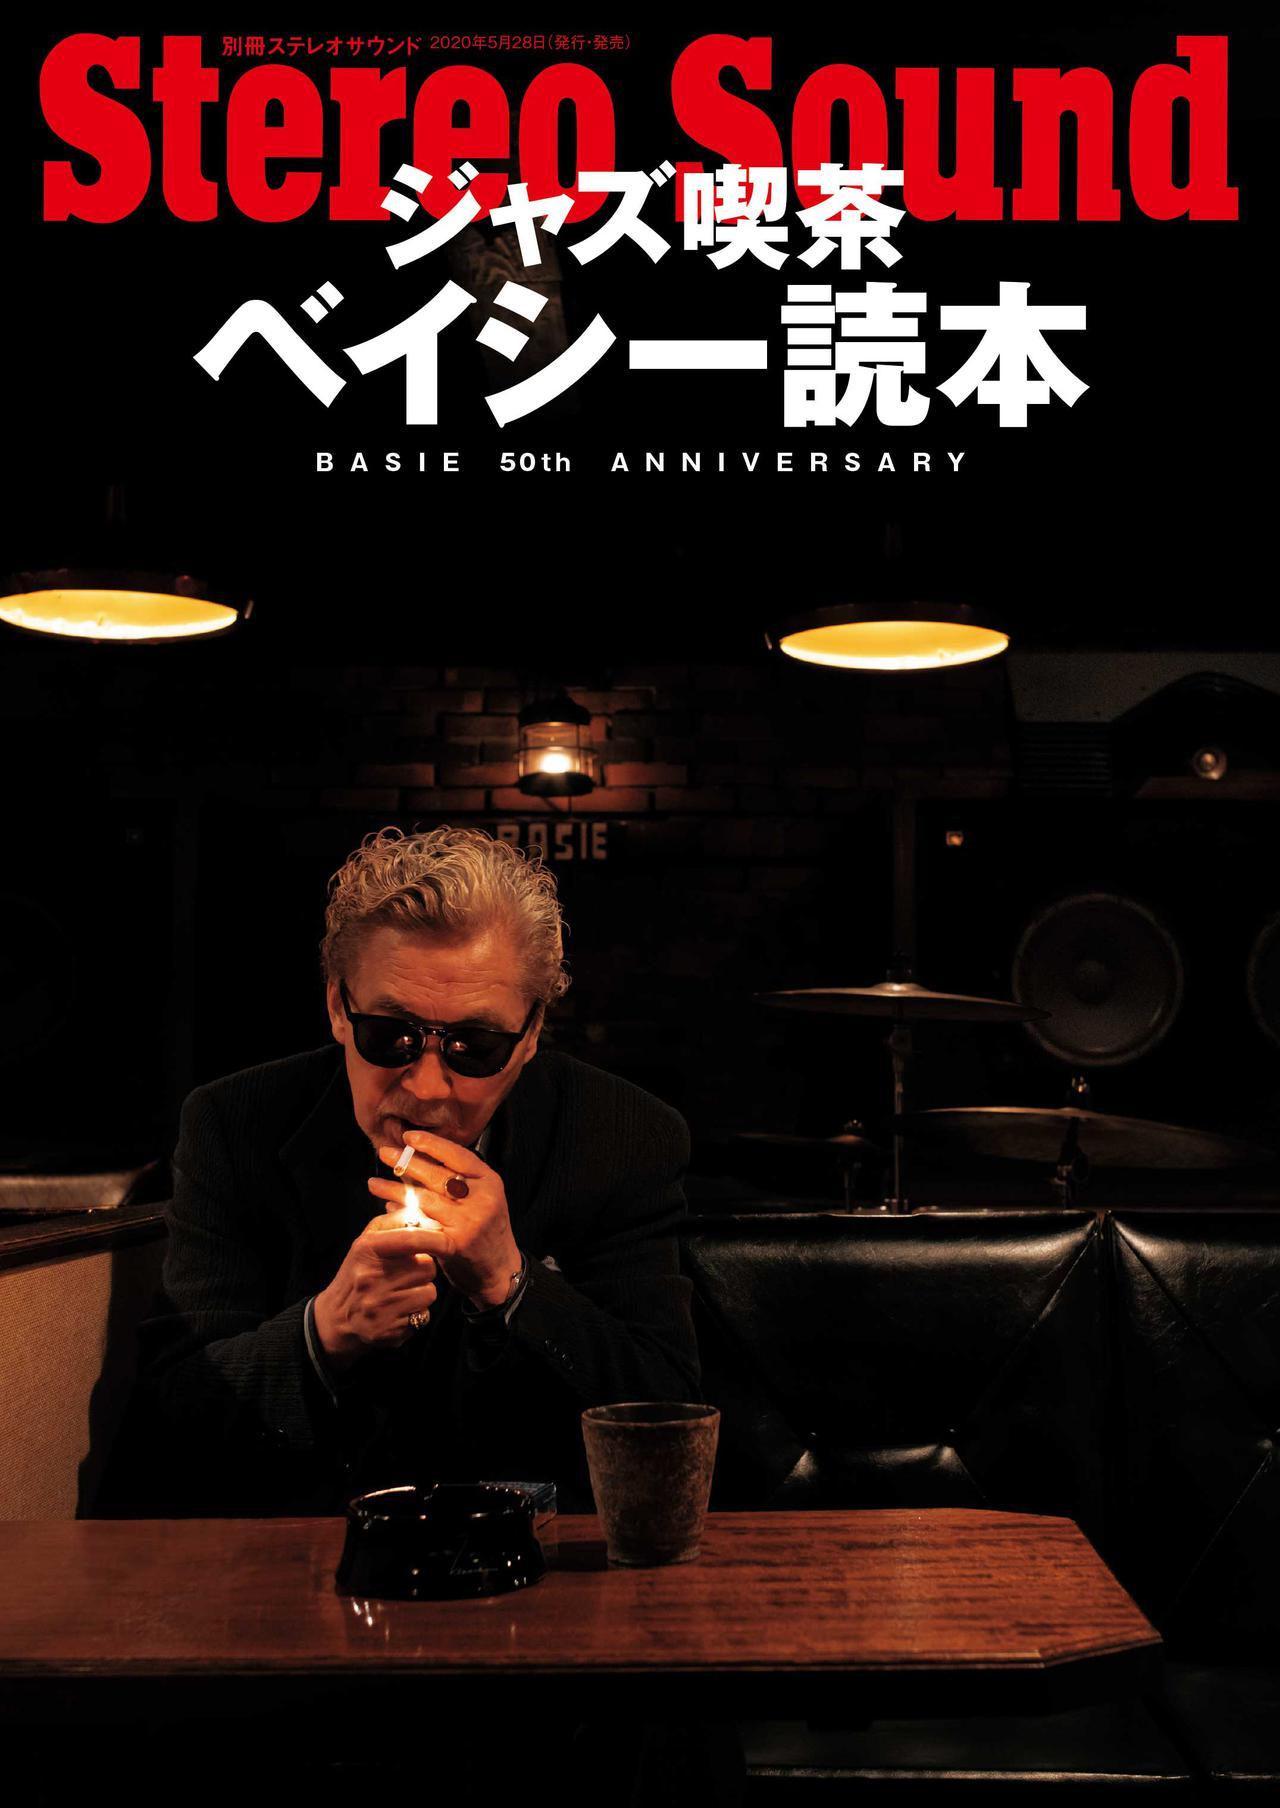 画像1: 開店50周年記念別冊「ジャズ喫茶ベイシー読本 BASIE 50th Anniversary」5月28日発売!